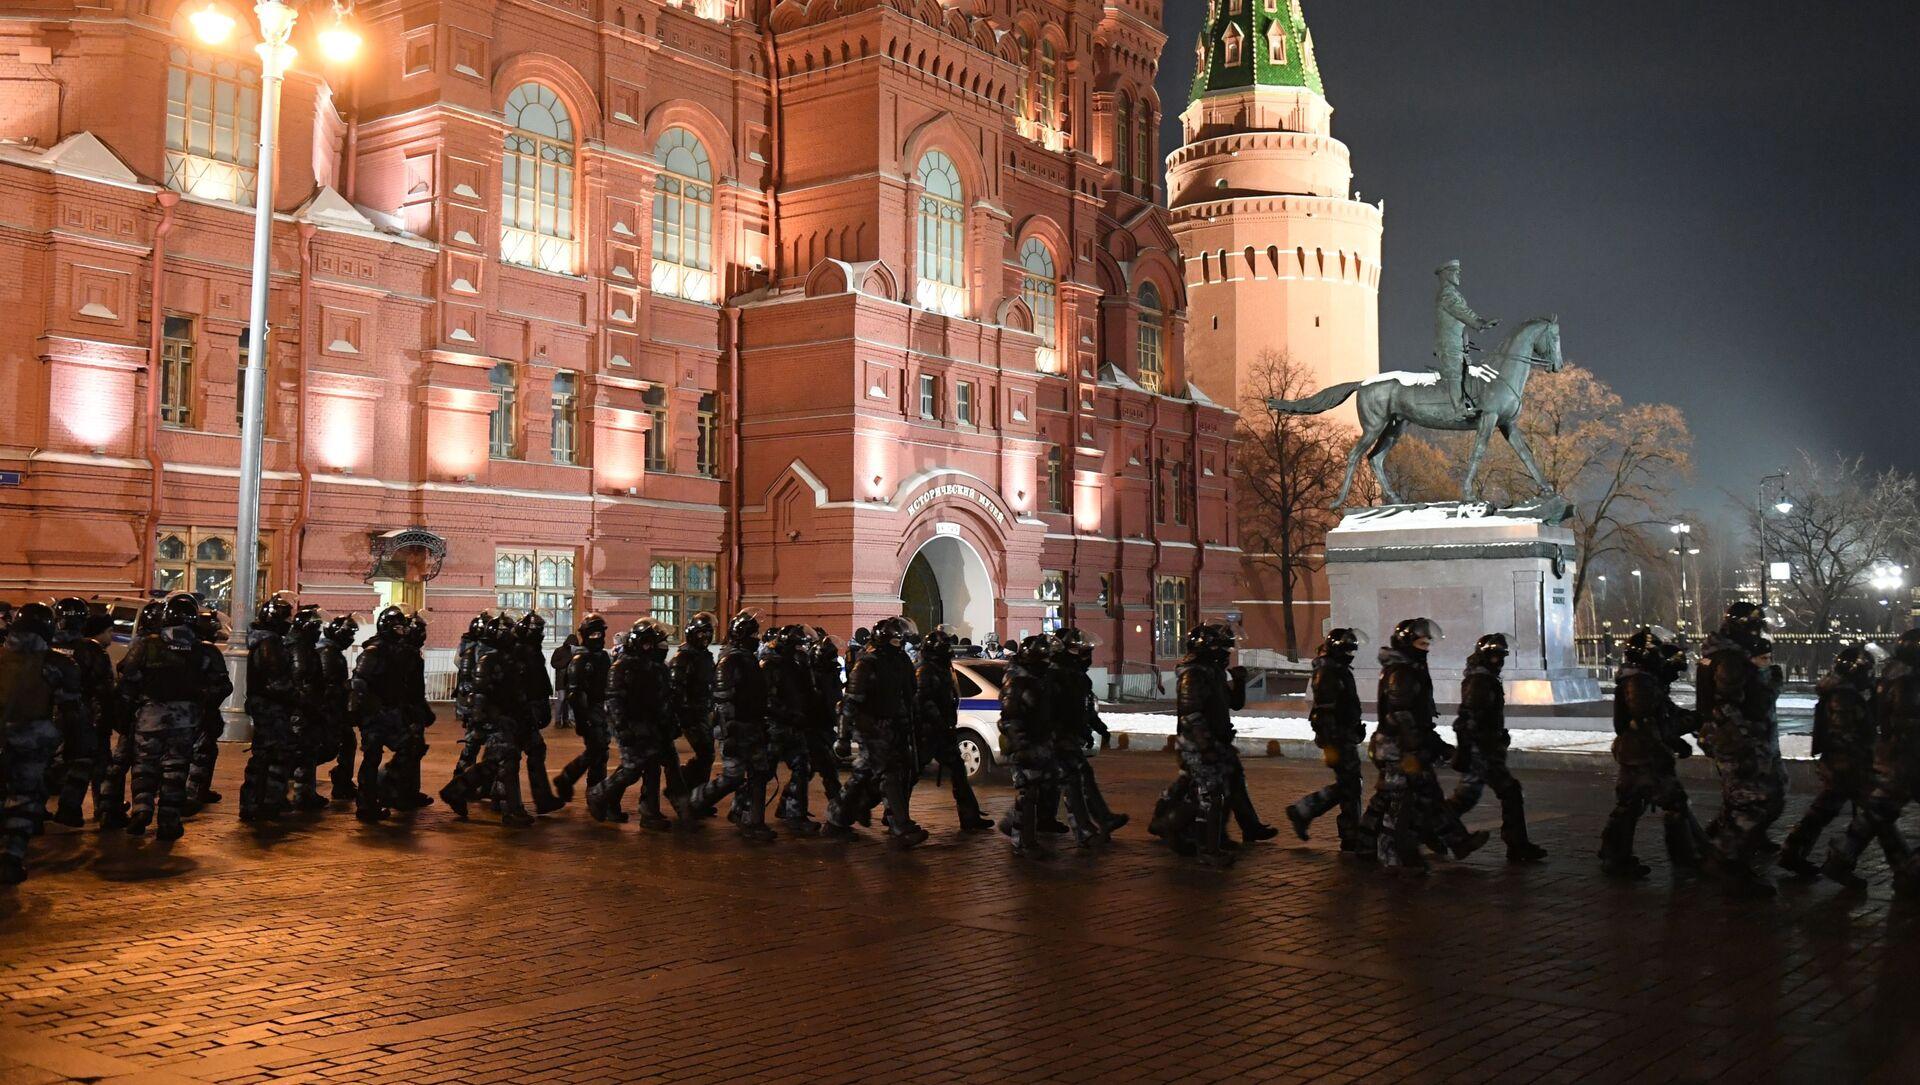 Policie na Manéžní náměstí  v Moskvě - Sputnik Česká republika, 1920, 02.02.2021